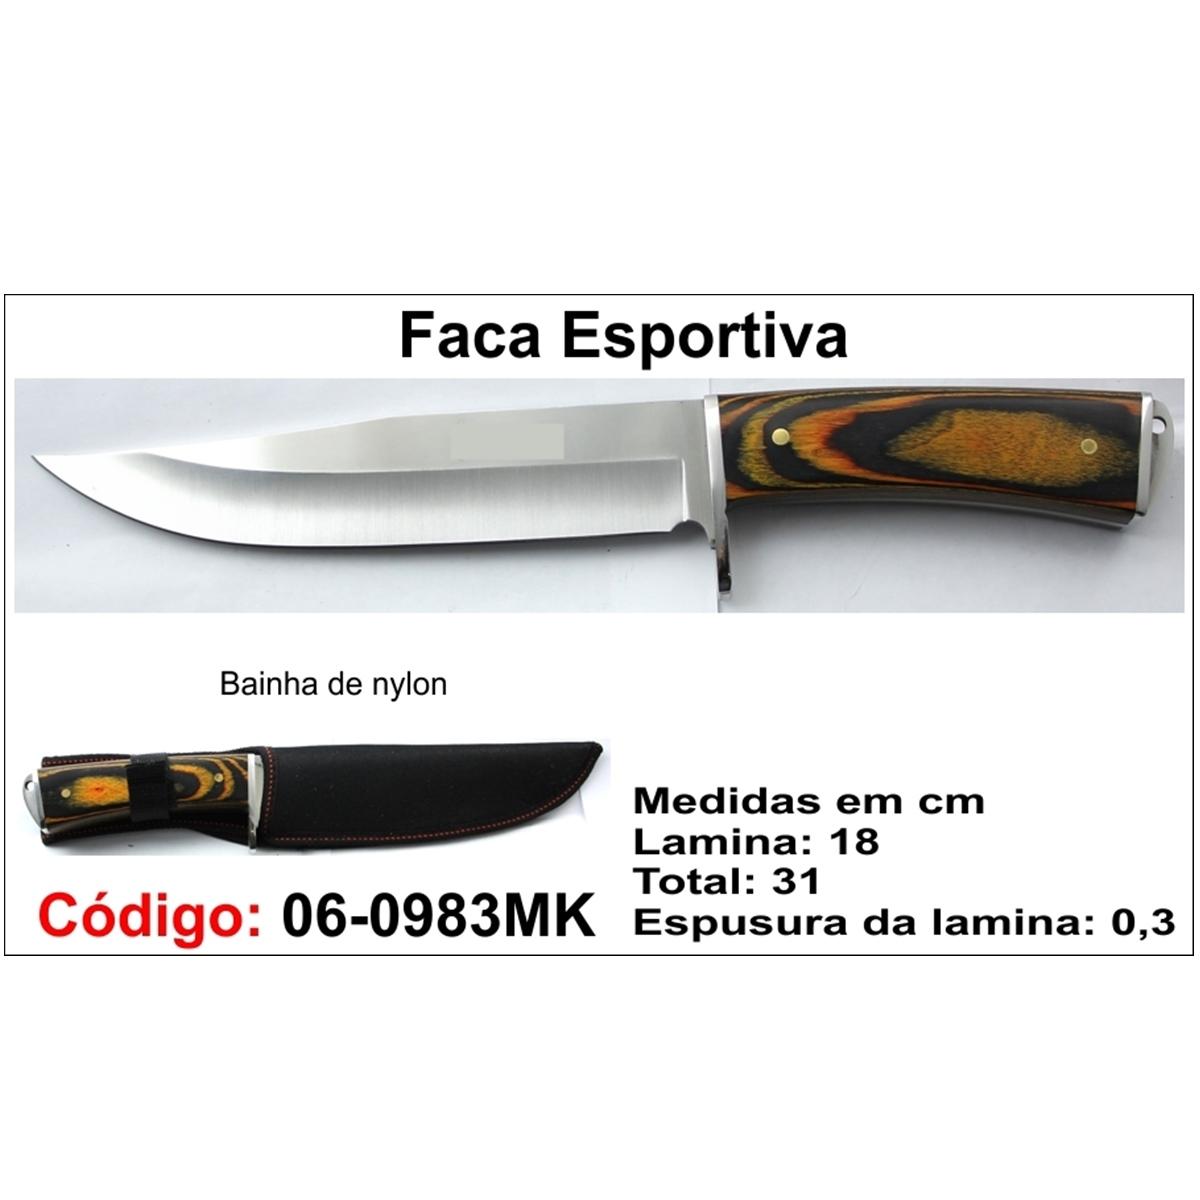 Faca Esportiva Com Bainha Modelo Caça Pesca Etc 06-0983MK